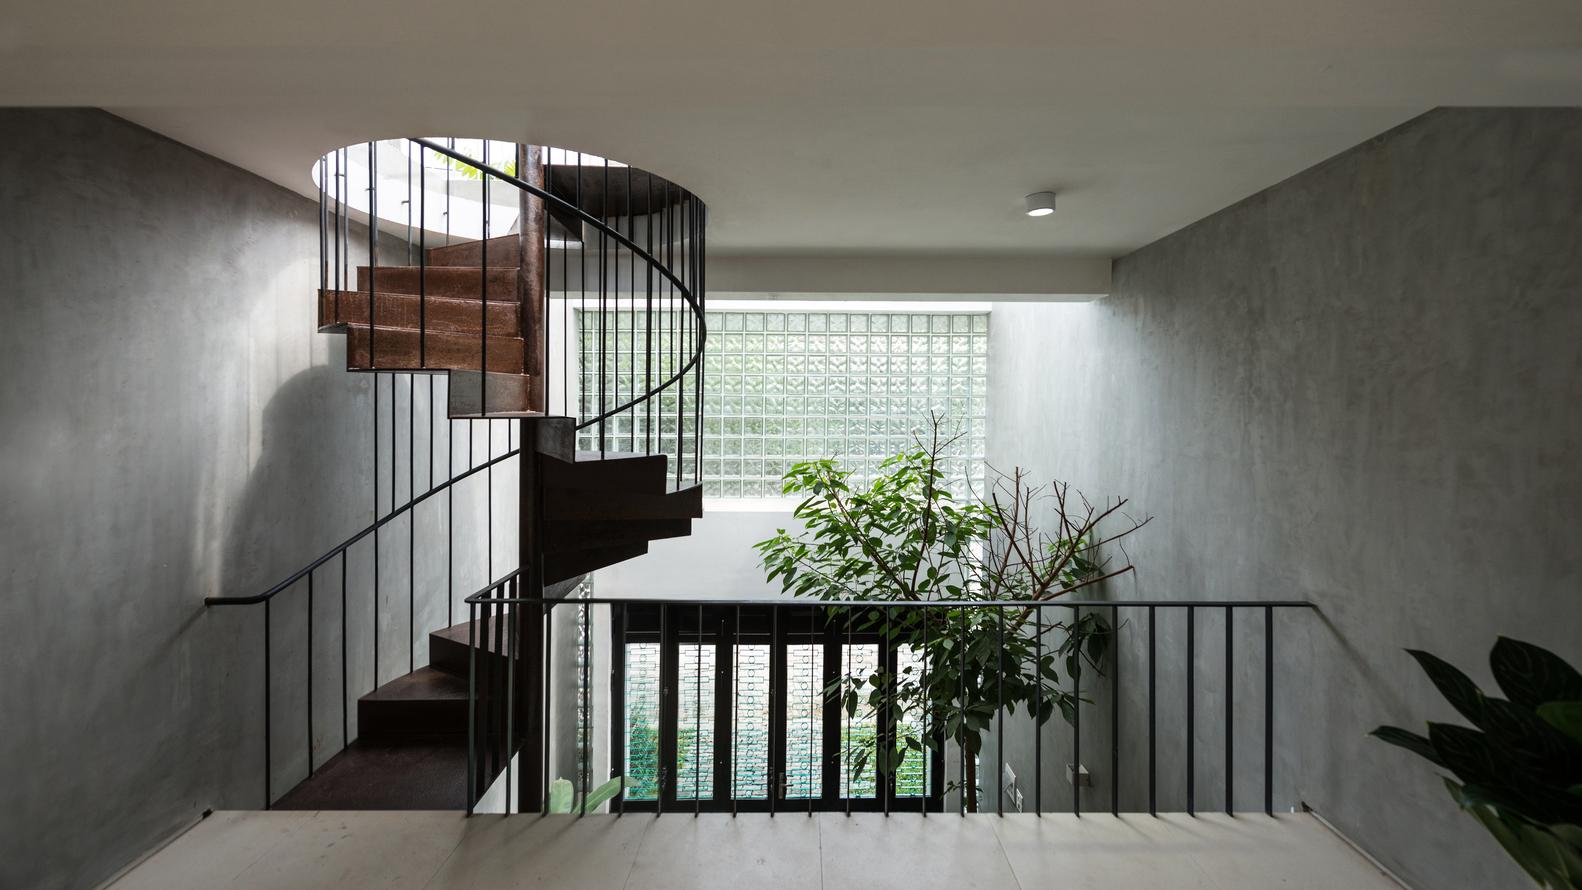 Thiết kế cầu thang xoắn ốc đẹp